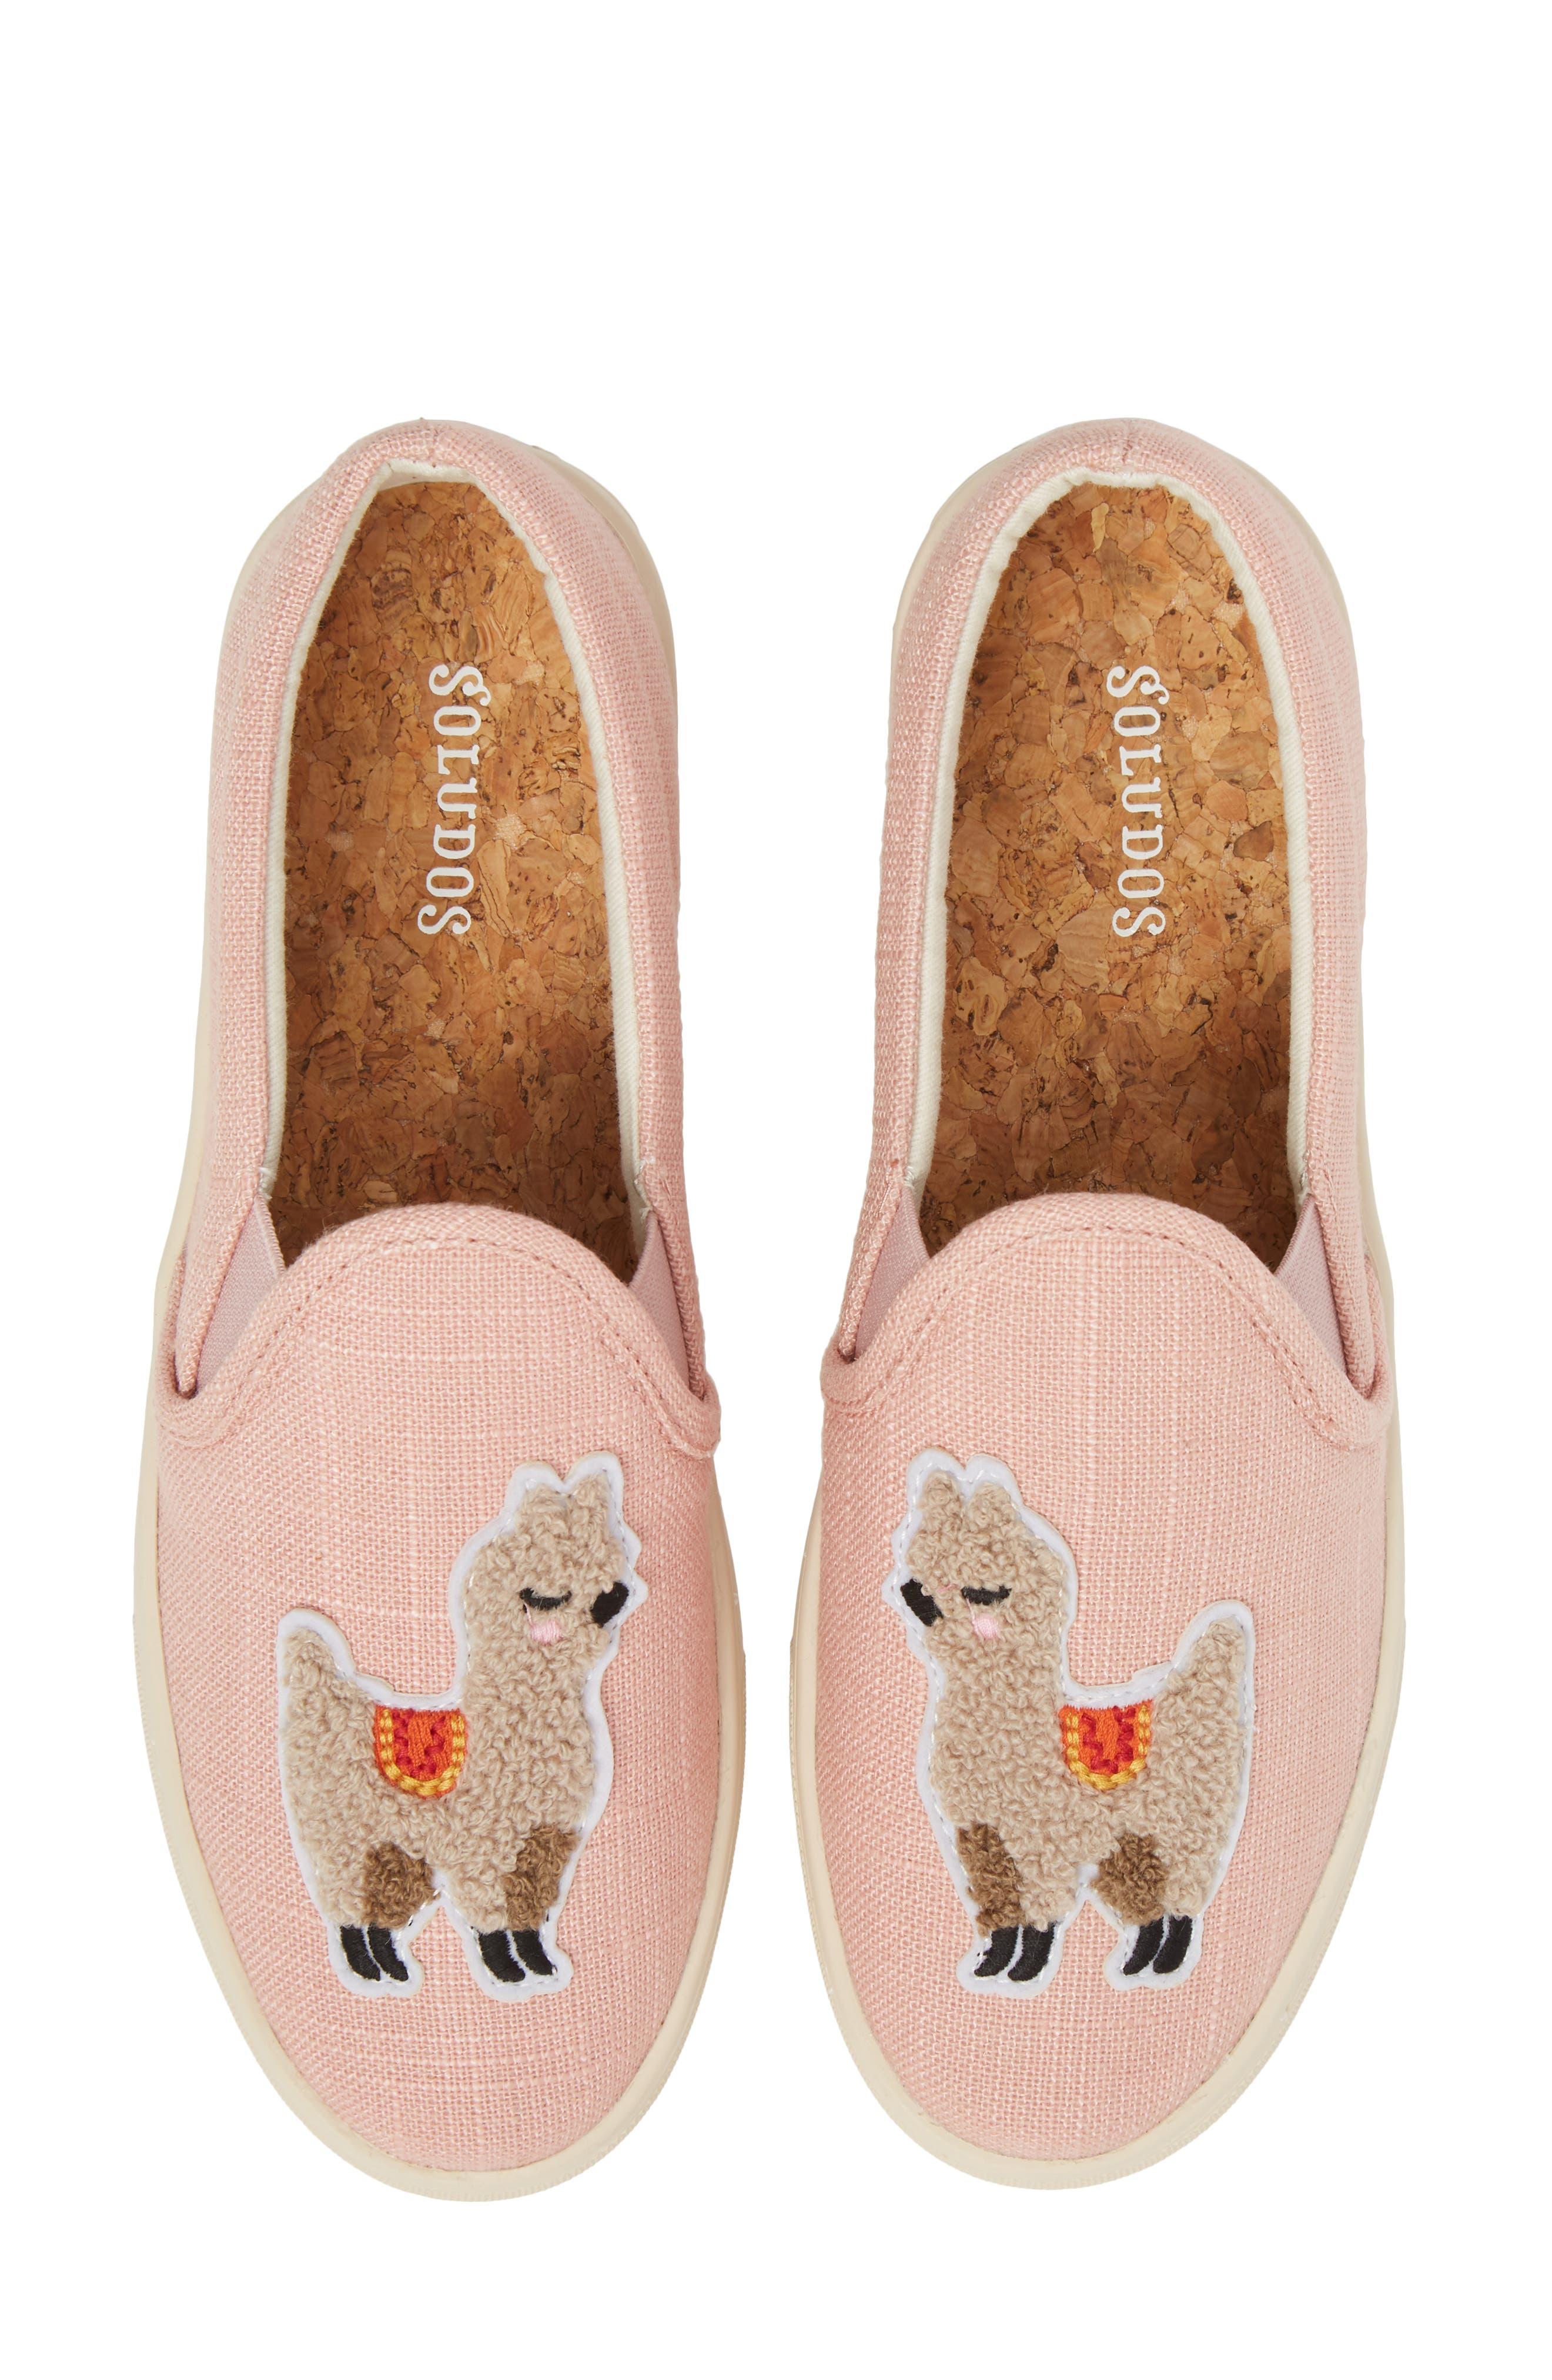 Llama Slip-On Sneaker,                         Main,                         color, Dusty Rose Fabric